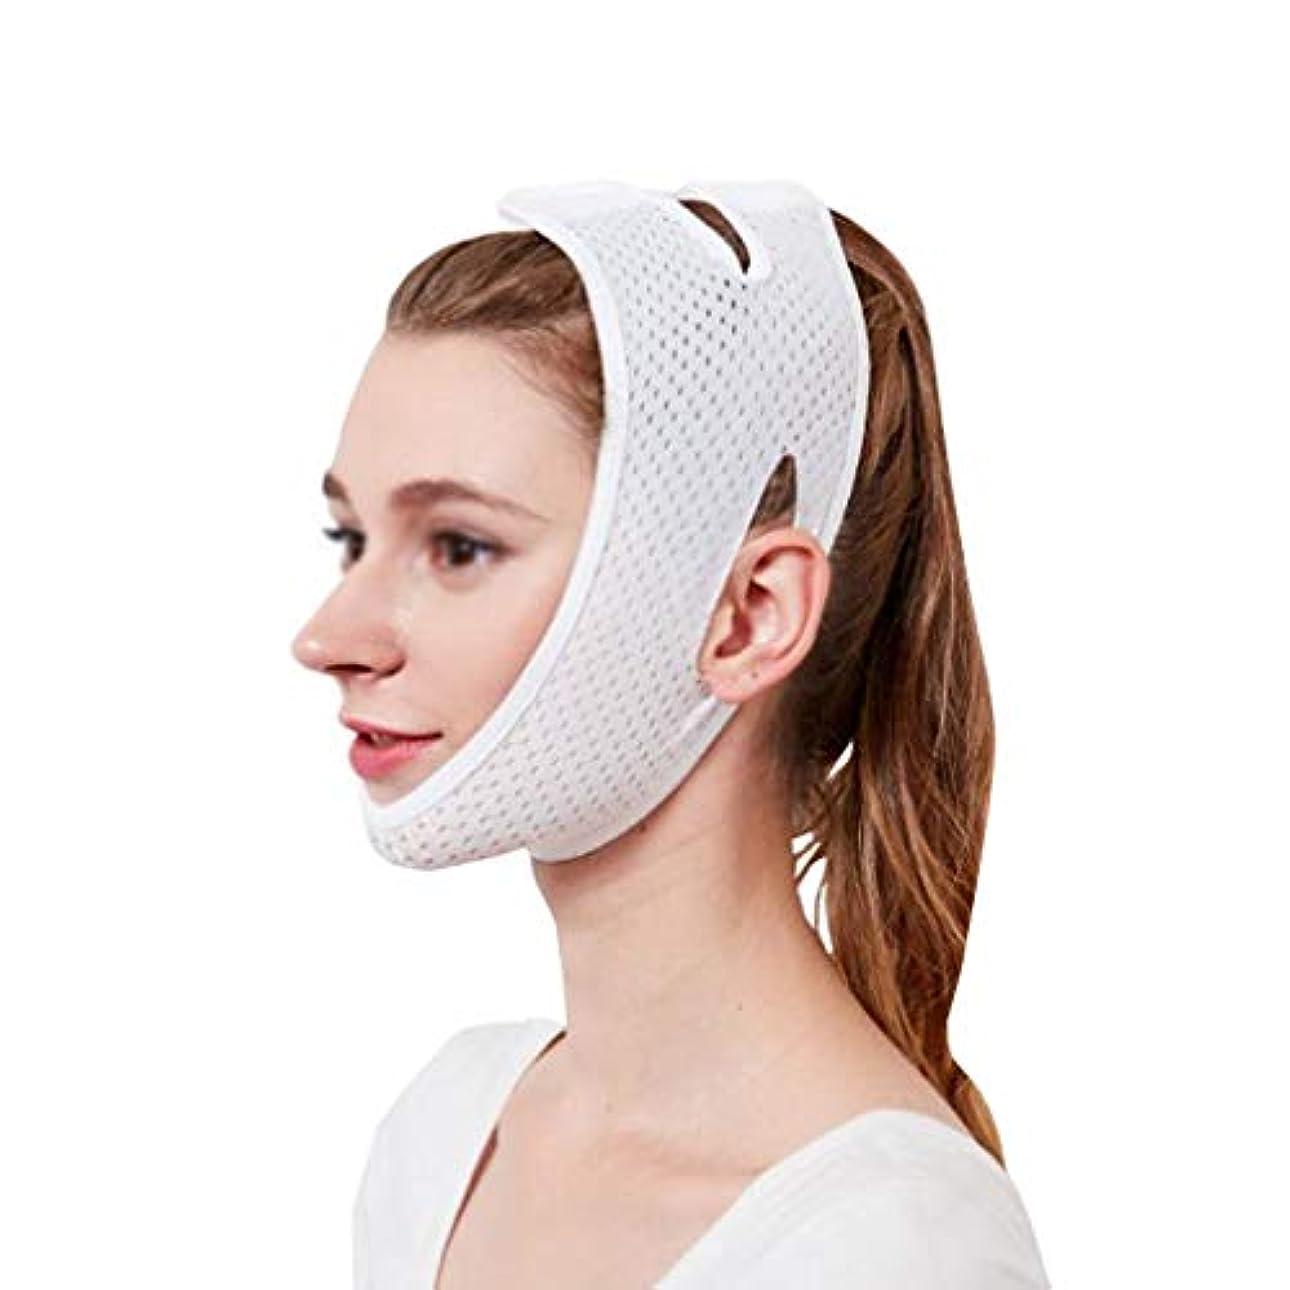 行為気づかない長々とZWBD フェイスマスク, 薄いフェイスマスク通気性睡眠ベルトアーティファクト包帯小さなVフェイス薄いダブルチンリフトフェイスマスク引き締めフェイスマスク